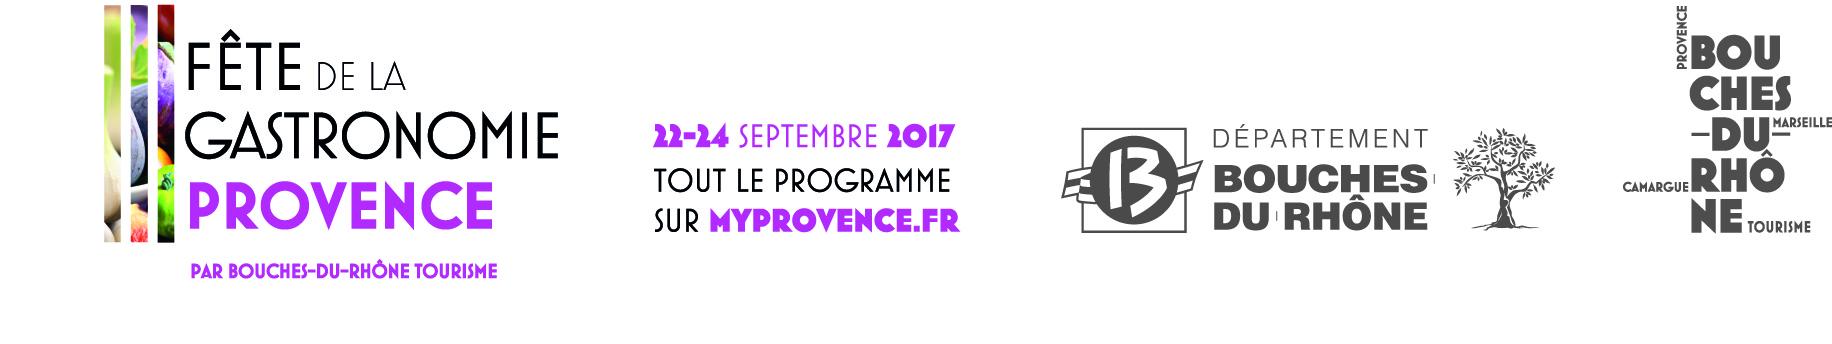 Fête de la gastronomie Provence